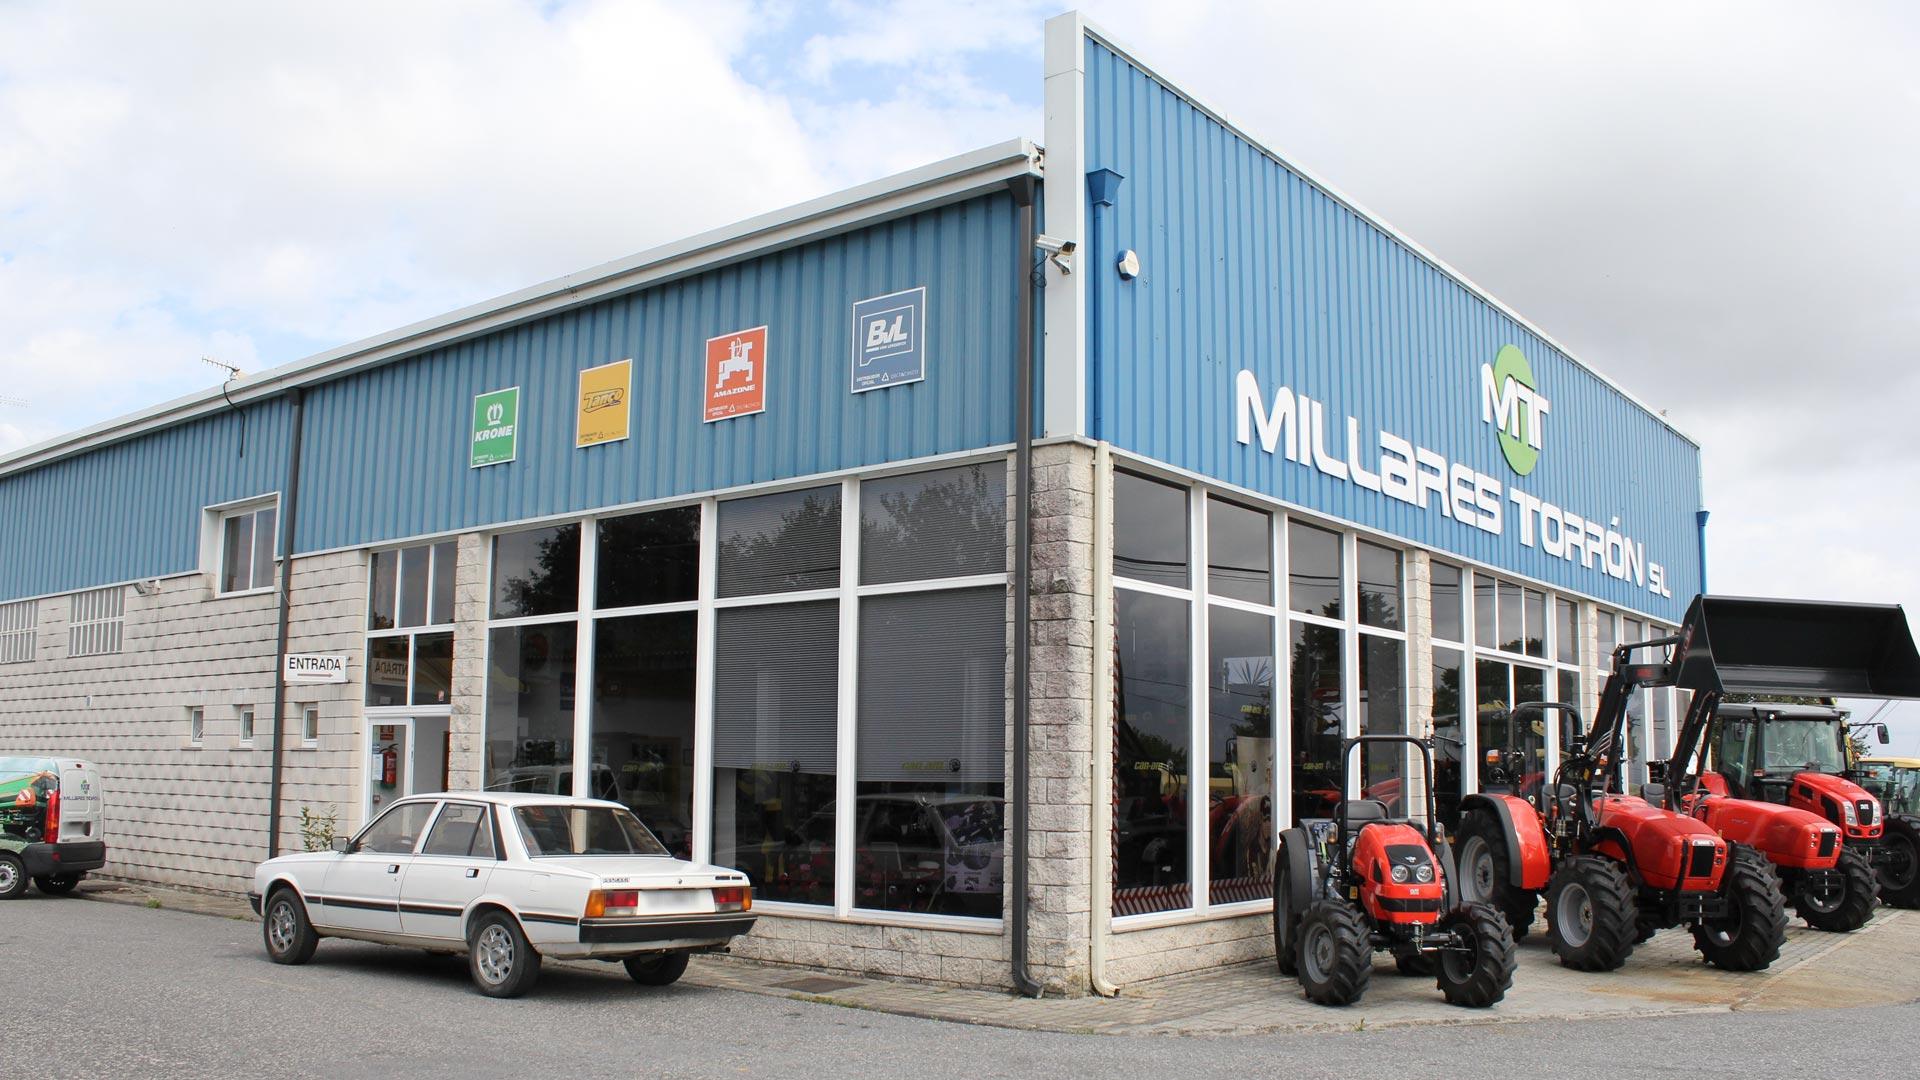 millares-torron-galeria19